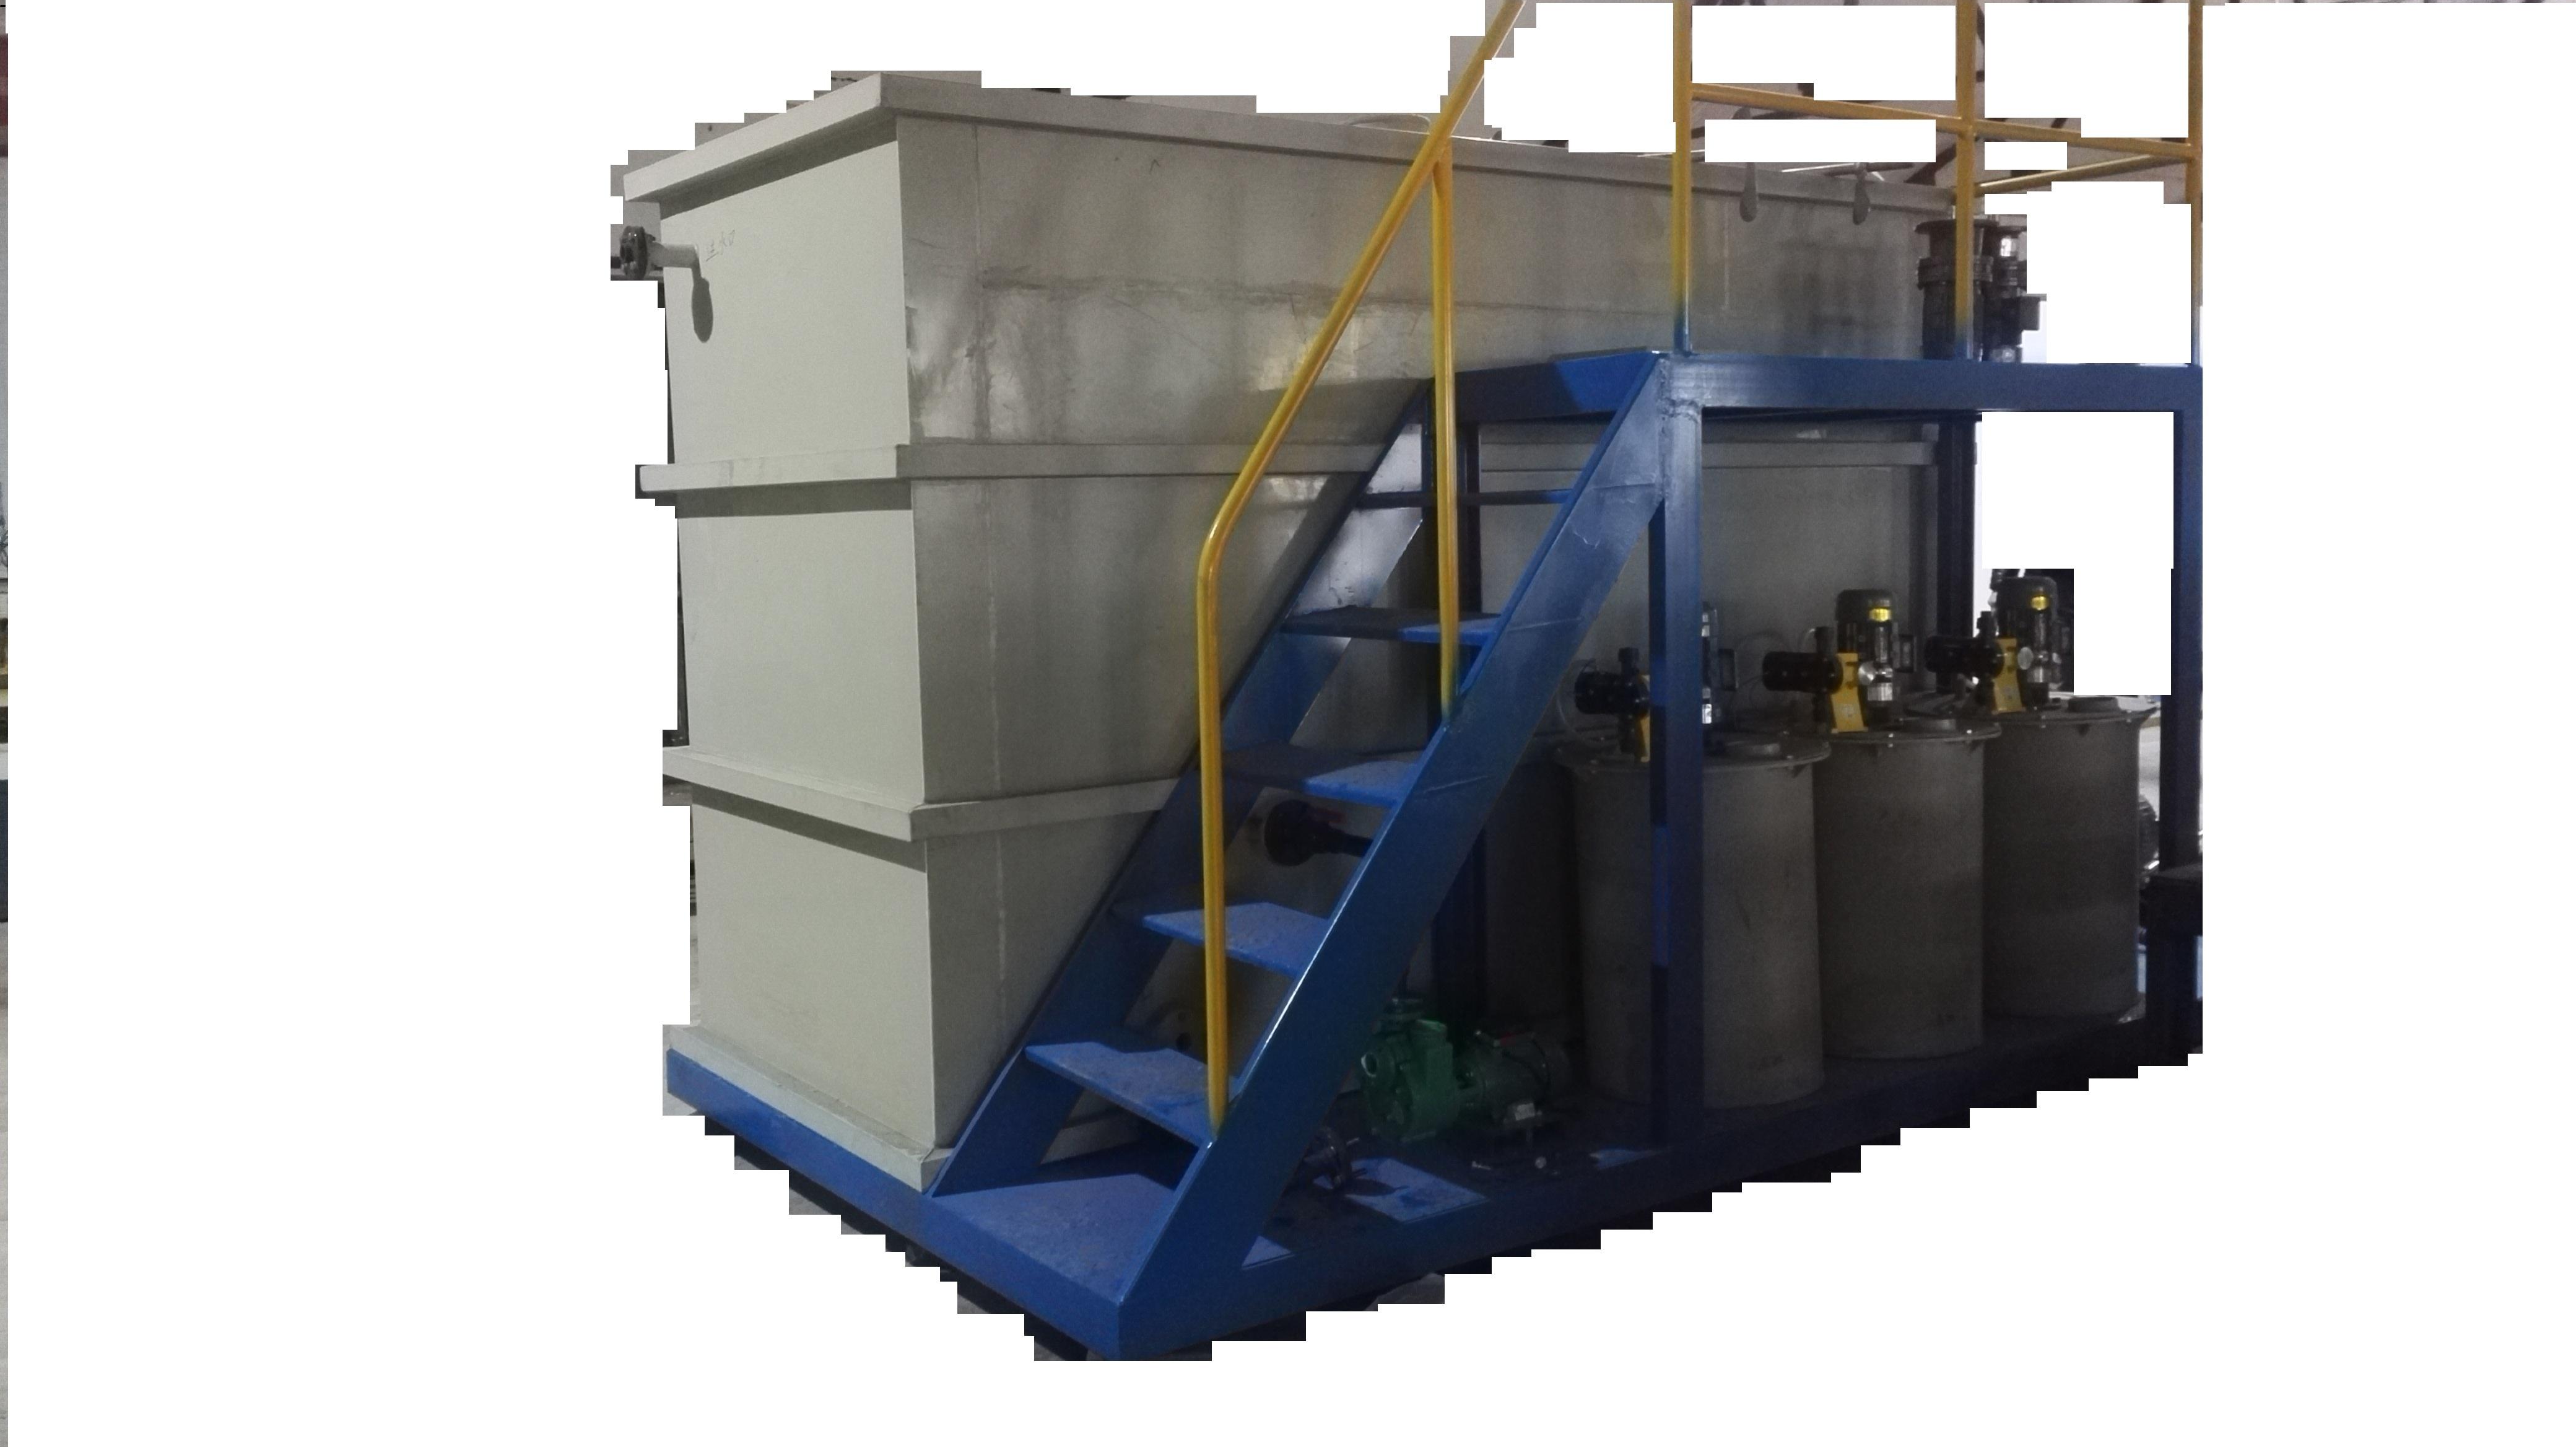 零排放研磨废水处理|生活废水|精密五金清洗废水|小型污水处理设备